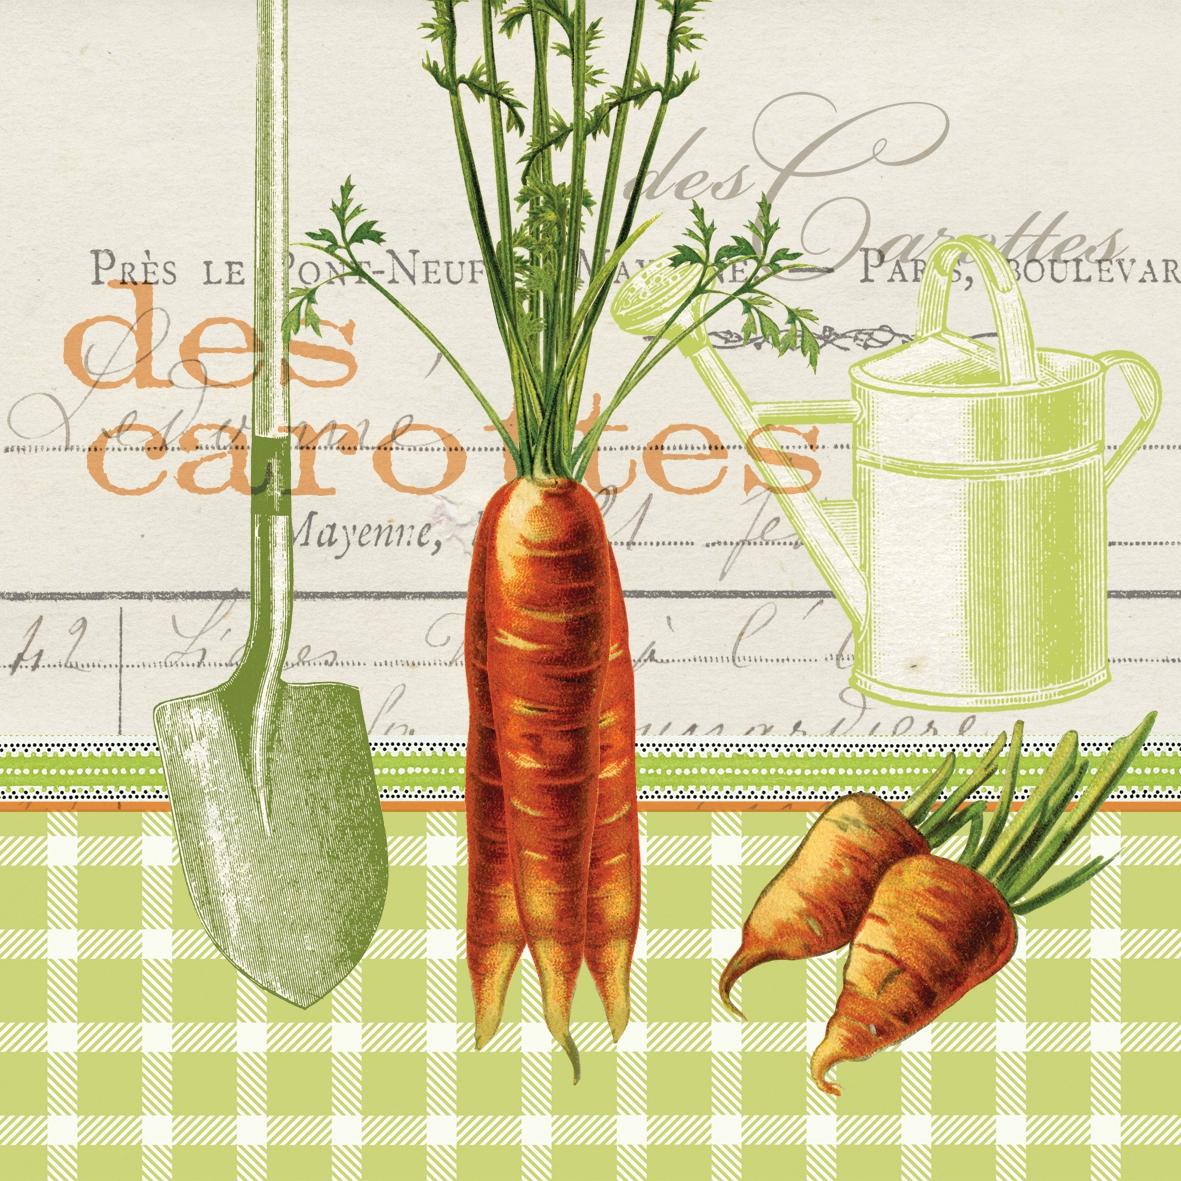 Lunch Servietten Les Carottes,  Sonstiges - Schriften,  Gemüse -  Sonstiges,  Everyday,  lunchservietten,  Möhren,  Schaufel,  Schriften,  Giesskanne